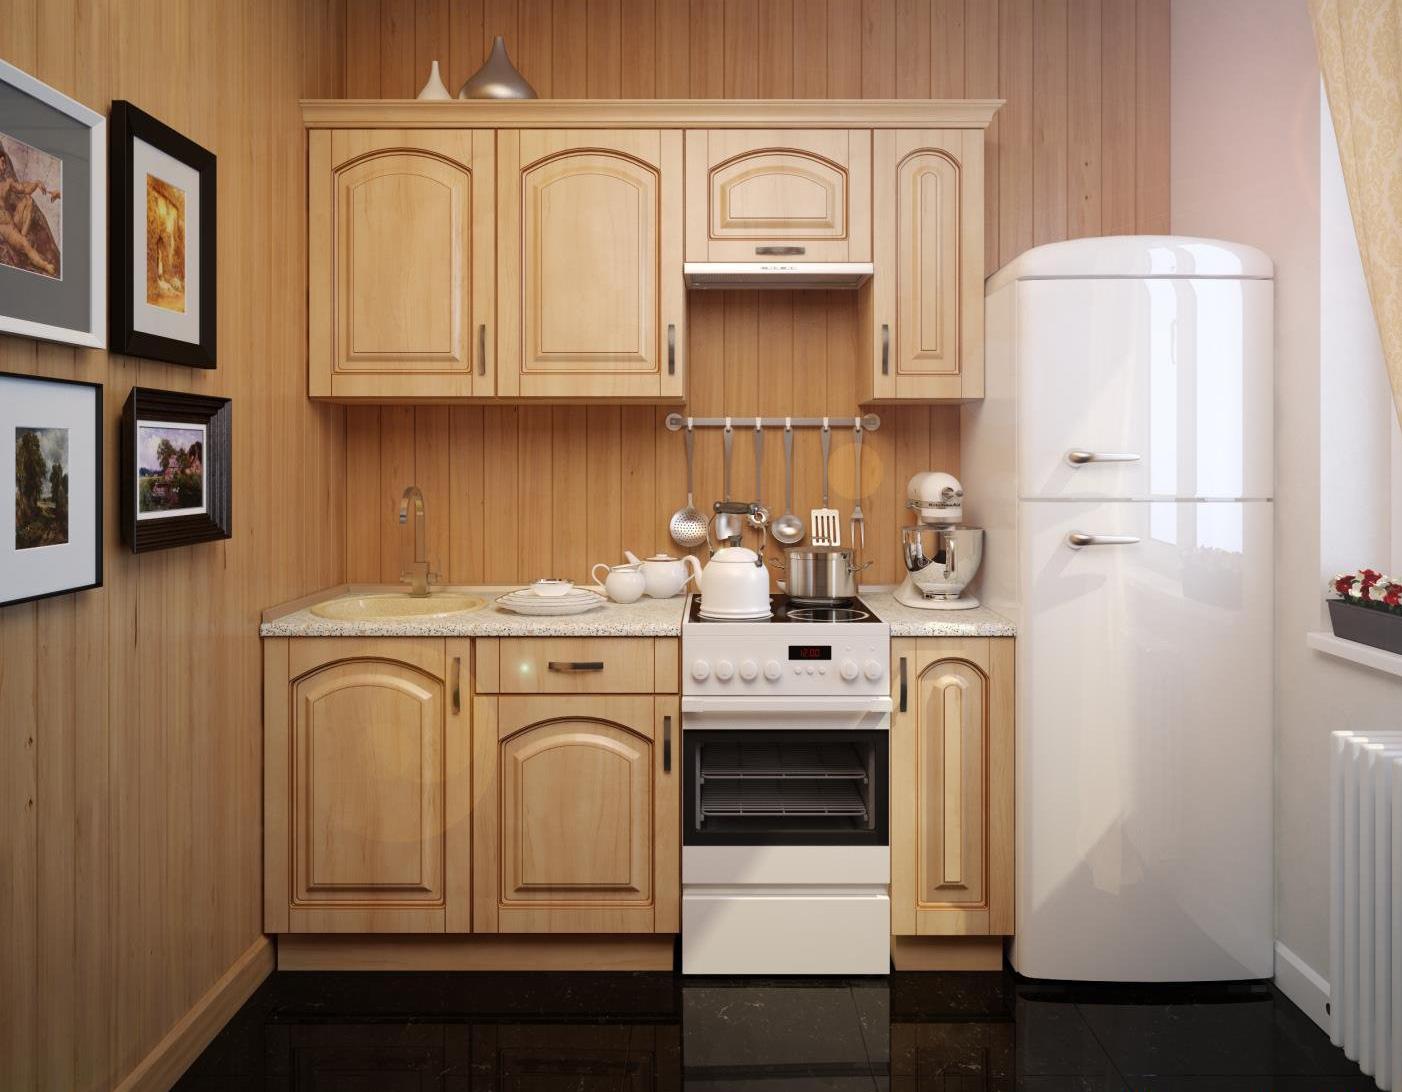 Дизайн кухни маленького размера фото